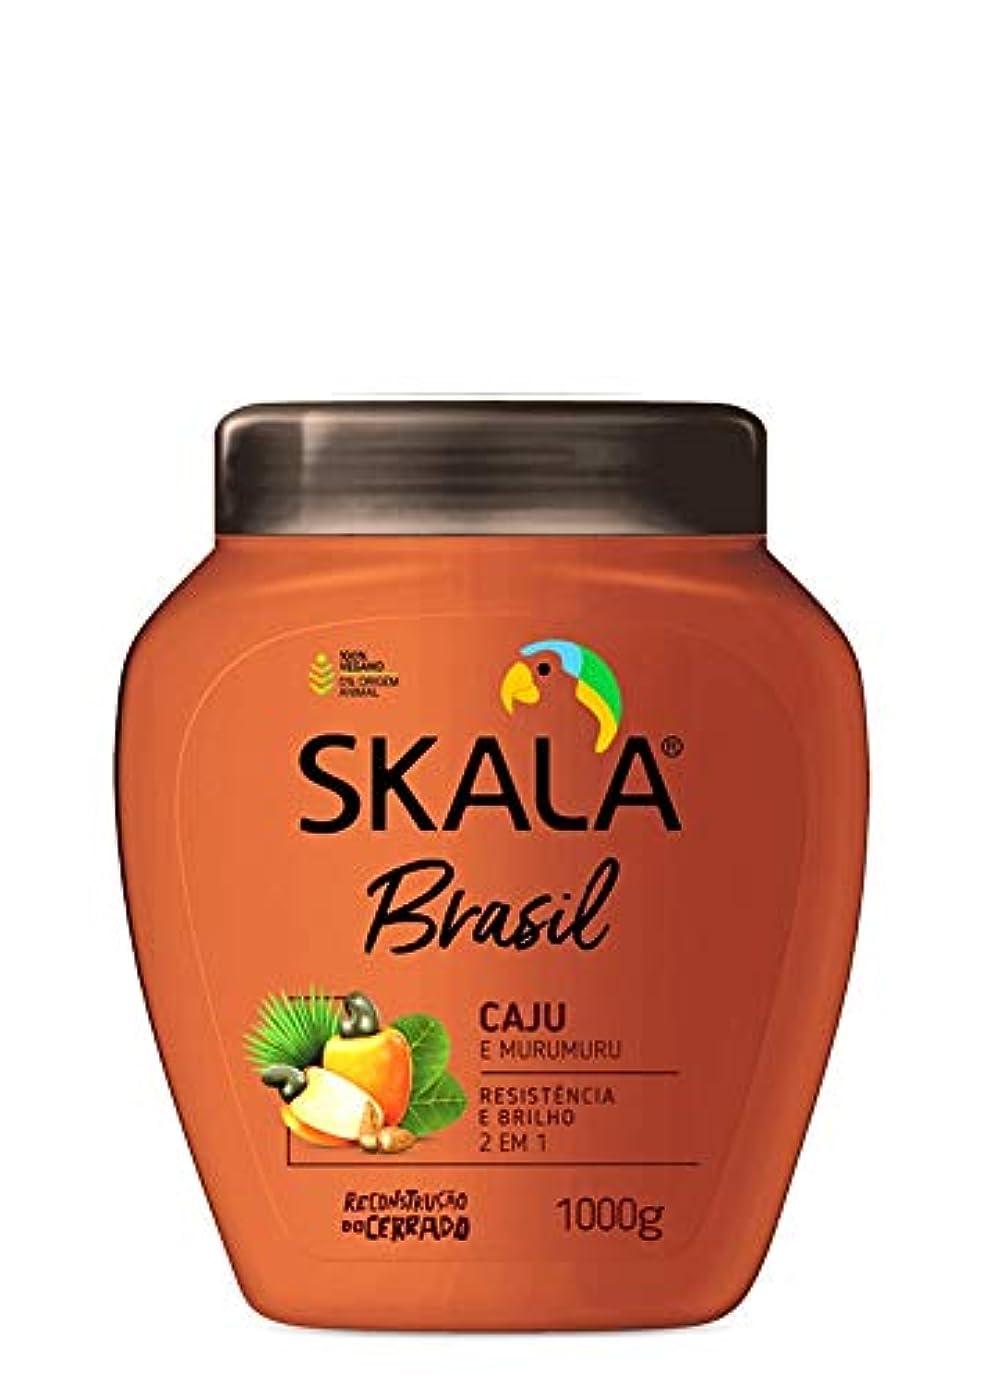 遠近法小切手担当者Skala Brasil スカラブラジル カジュ&ムルムル オールヘア用 2イン1 トリートメントクリーム 1kg